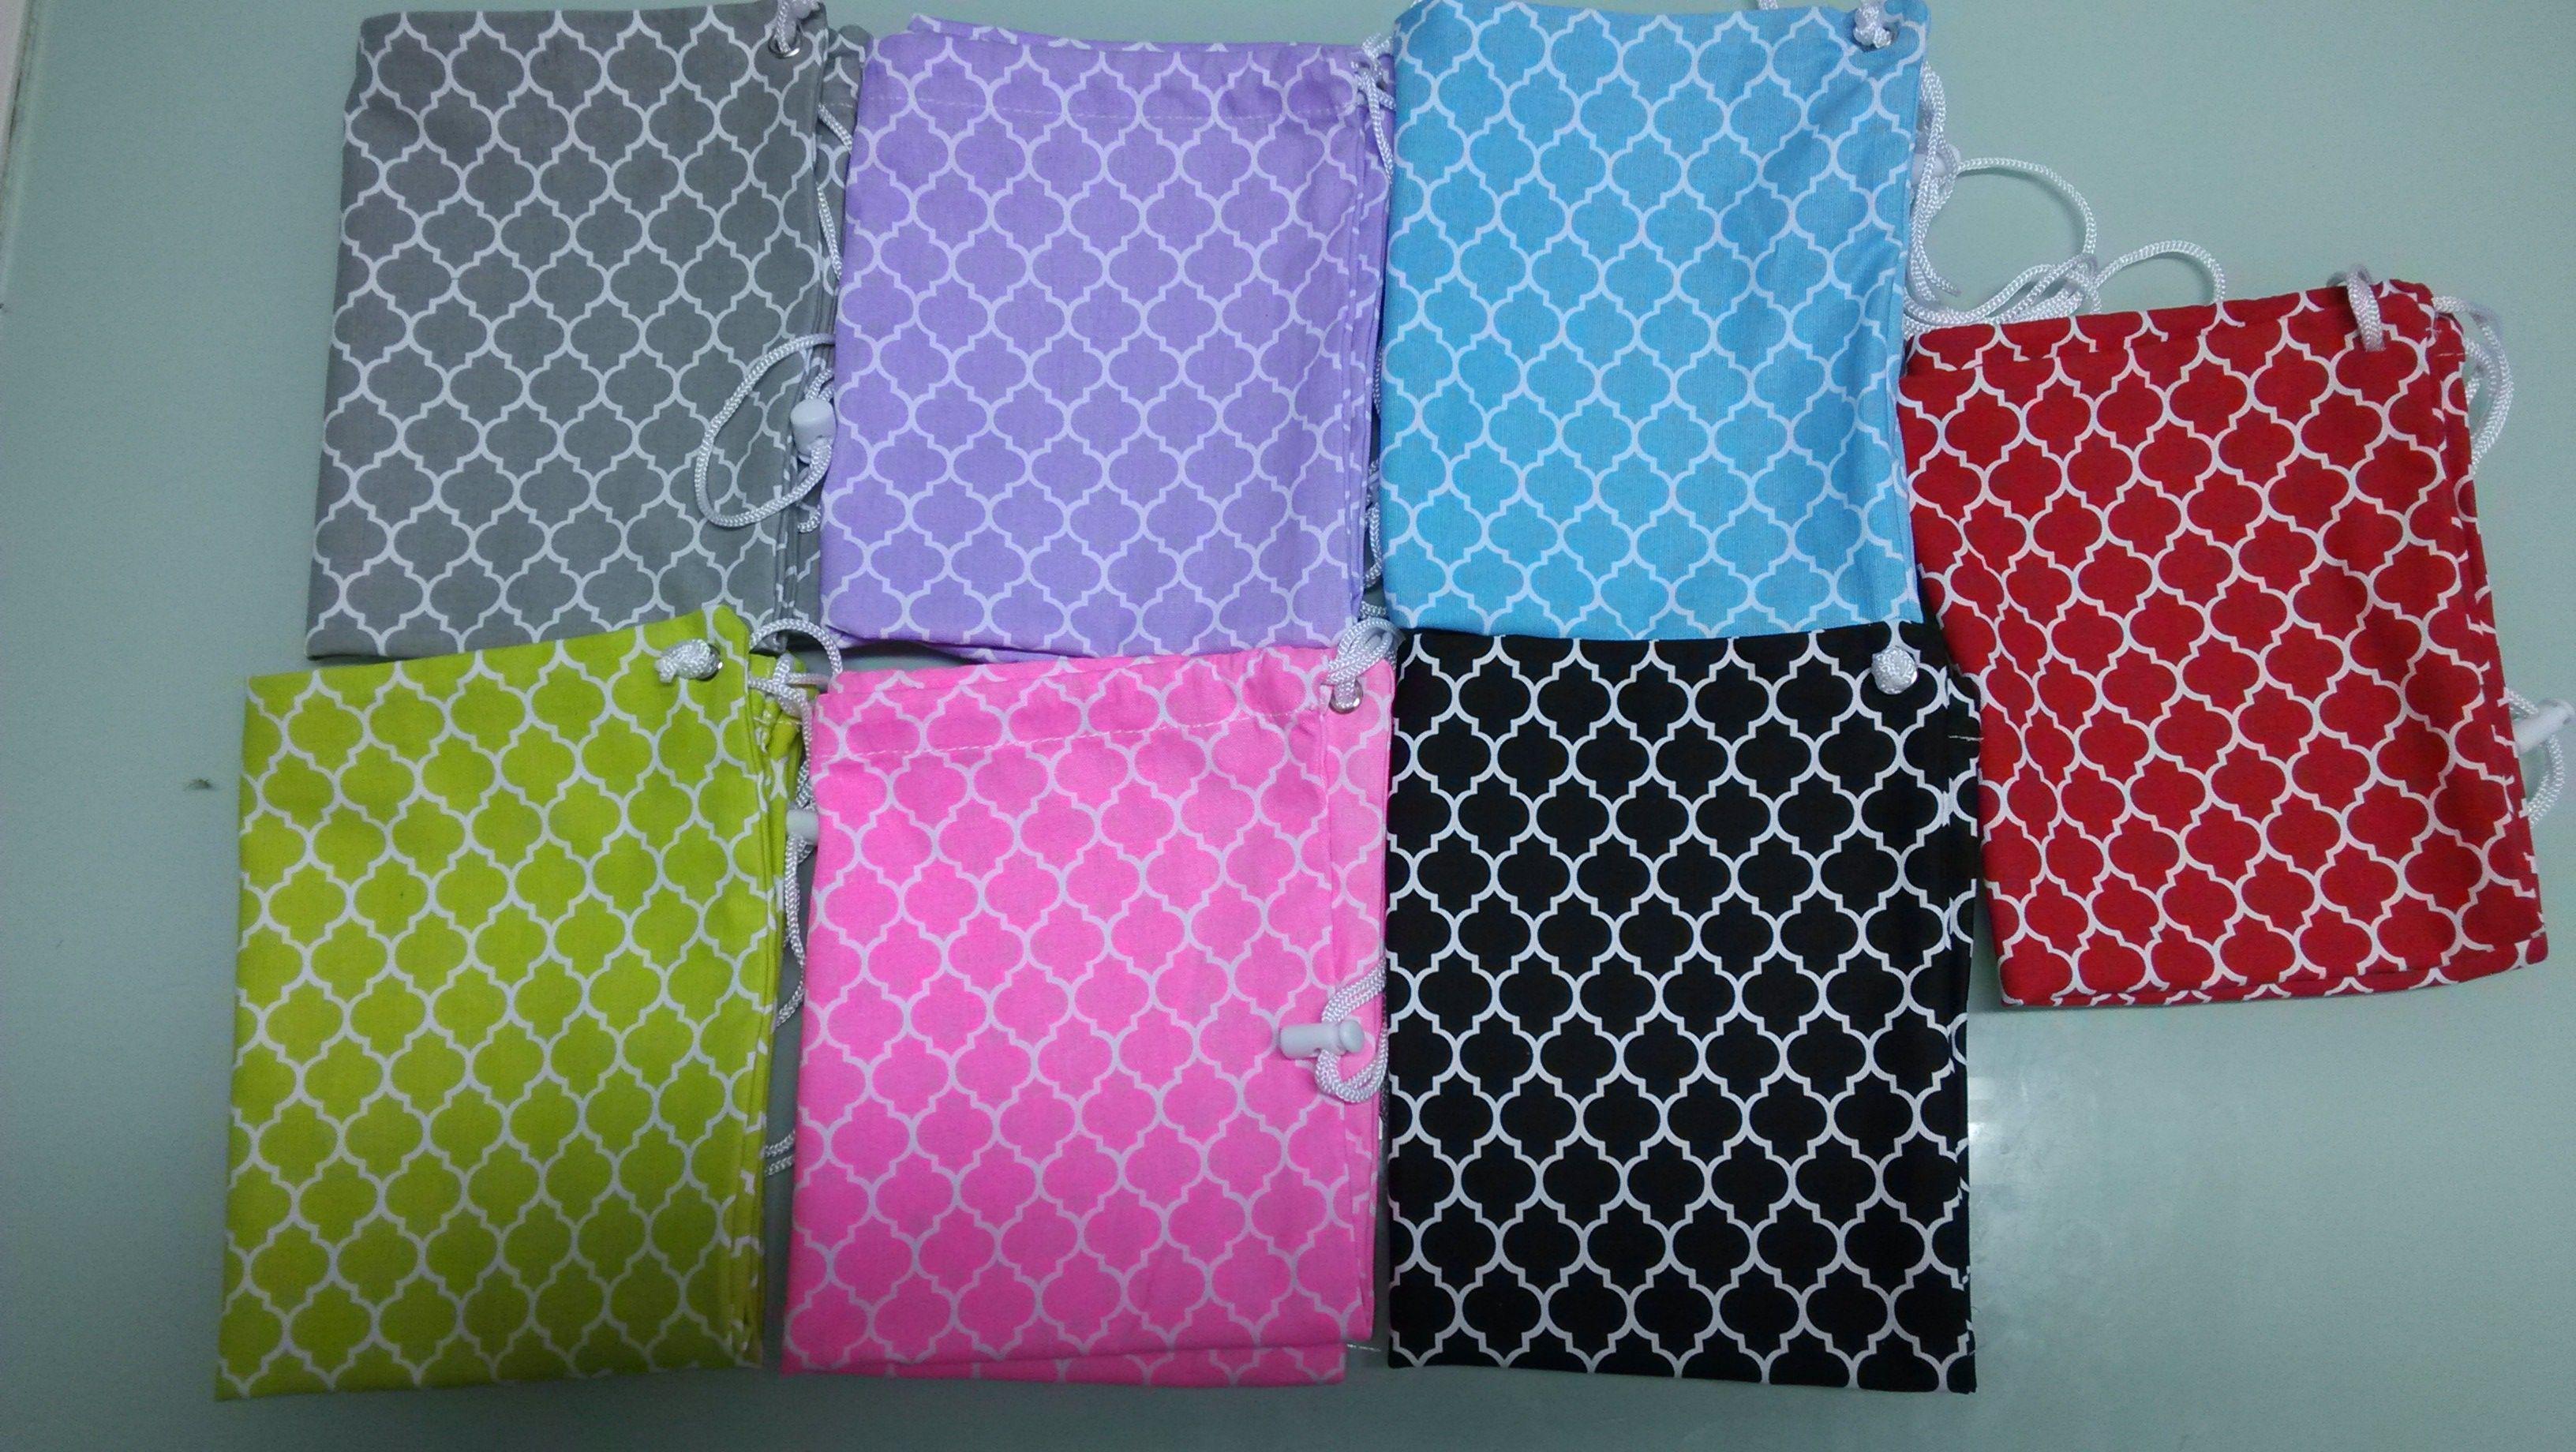 Quatrefoil Cotton Canvas Drawstring Gym Bag, Muti Color